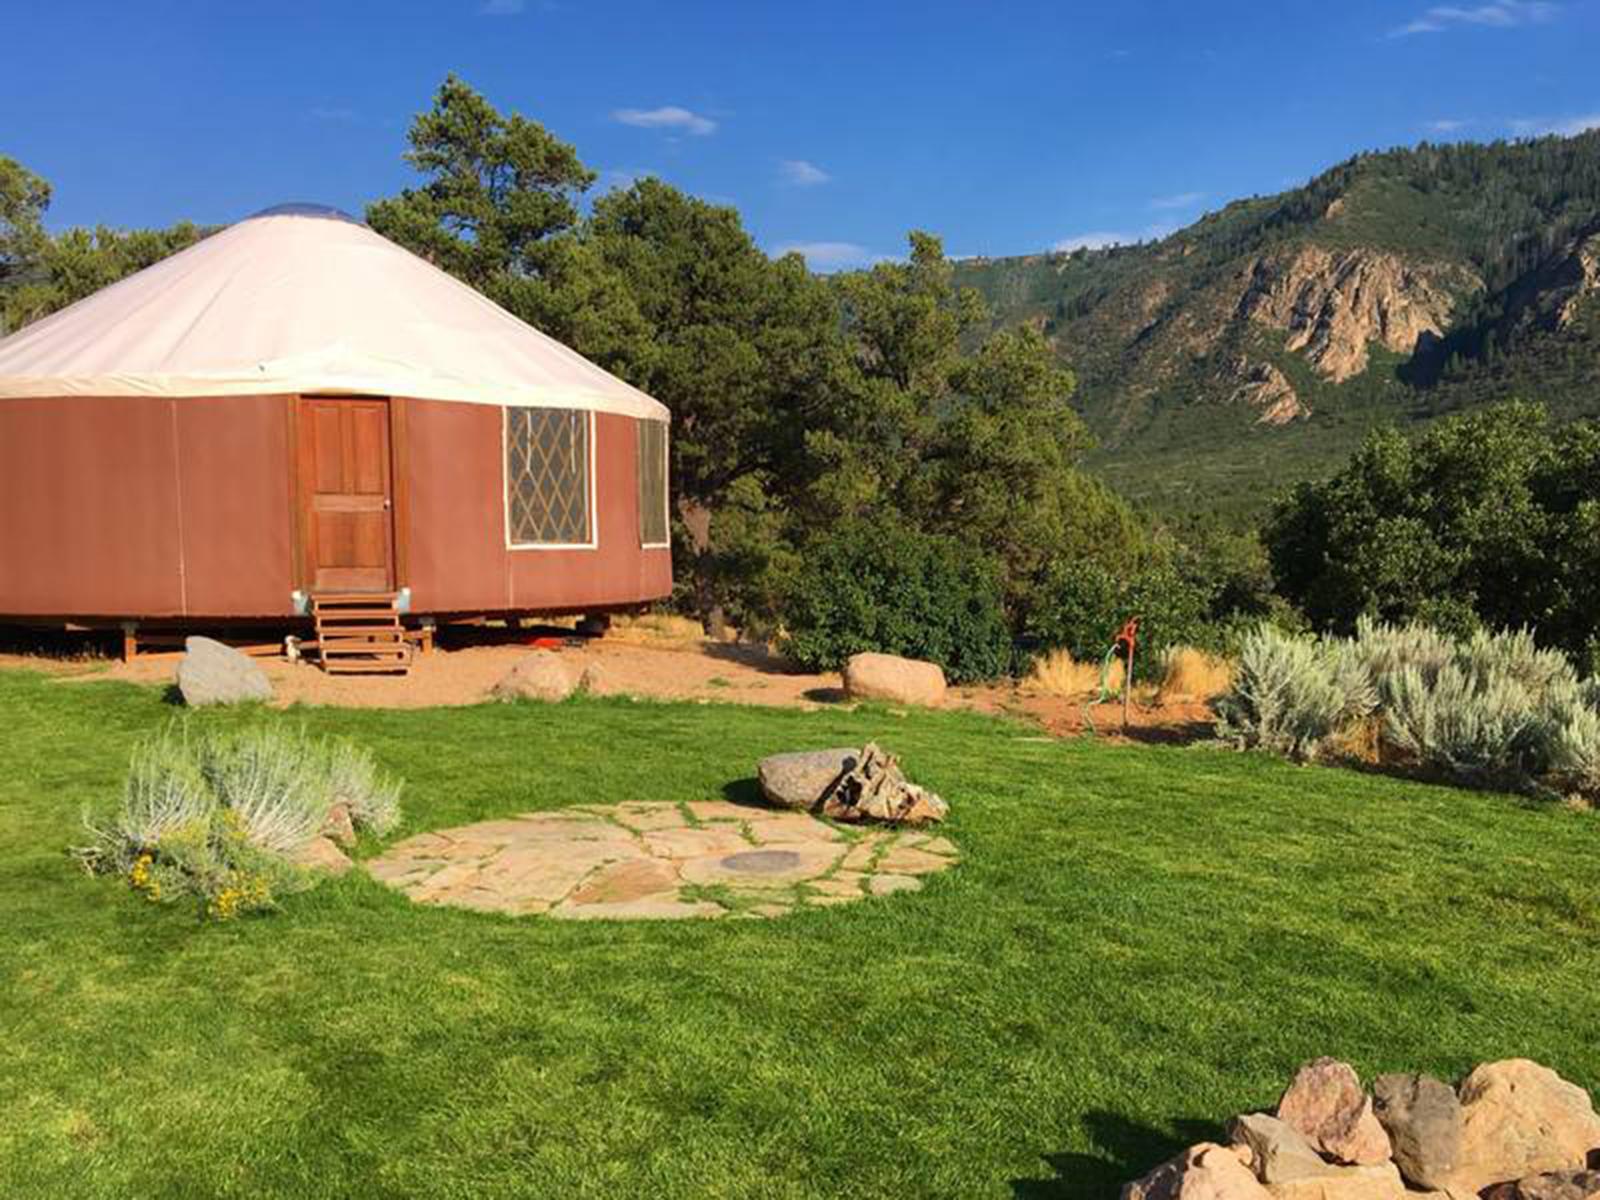 9 Of Colorado S Coolest Ready To Book Airbnb Homes Unvergessliche reisen beginnen mit airbnb. airbnb homes